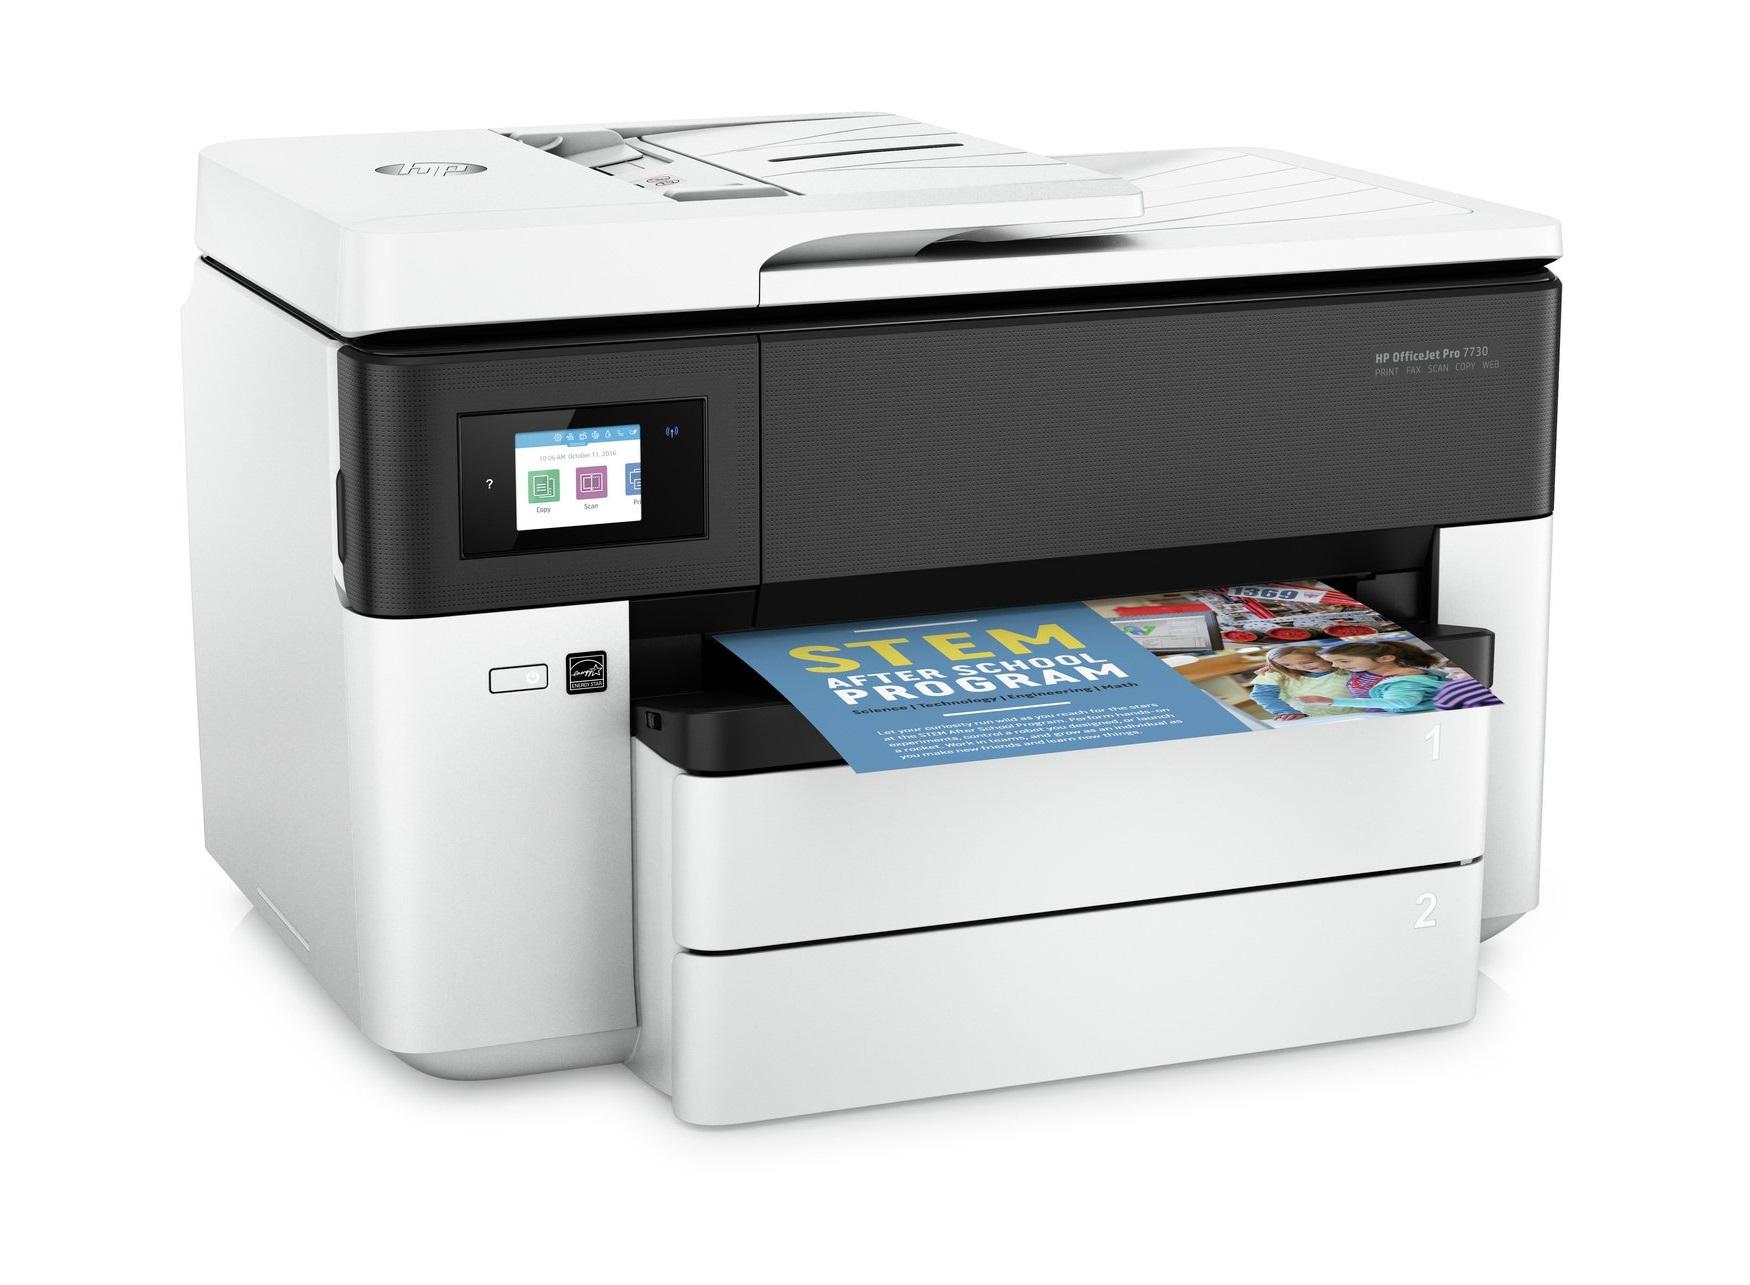 Nuevas Impresoras Hp Officejet Pro 7720 Y 7730